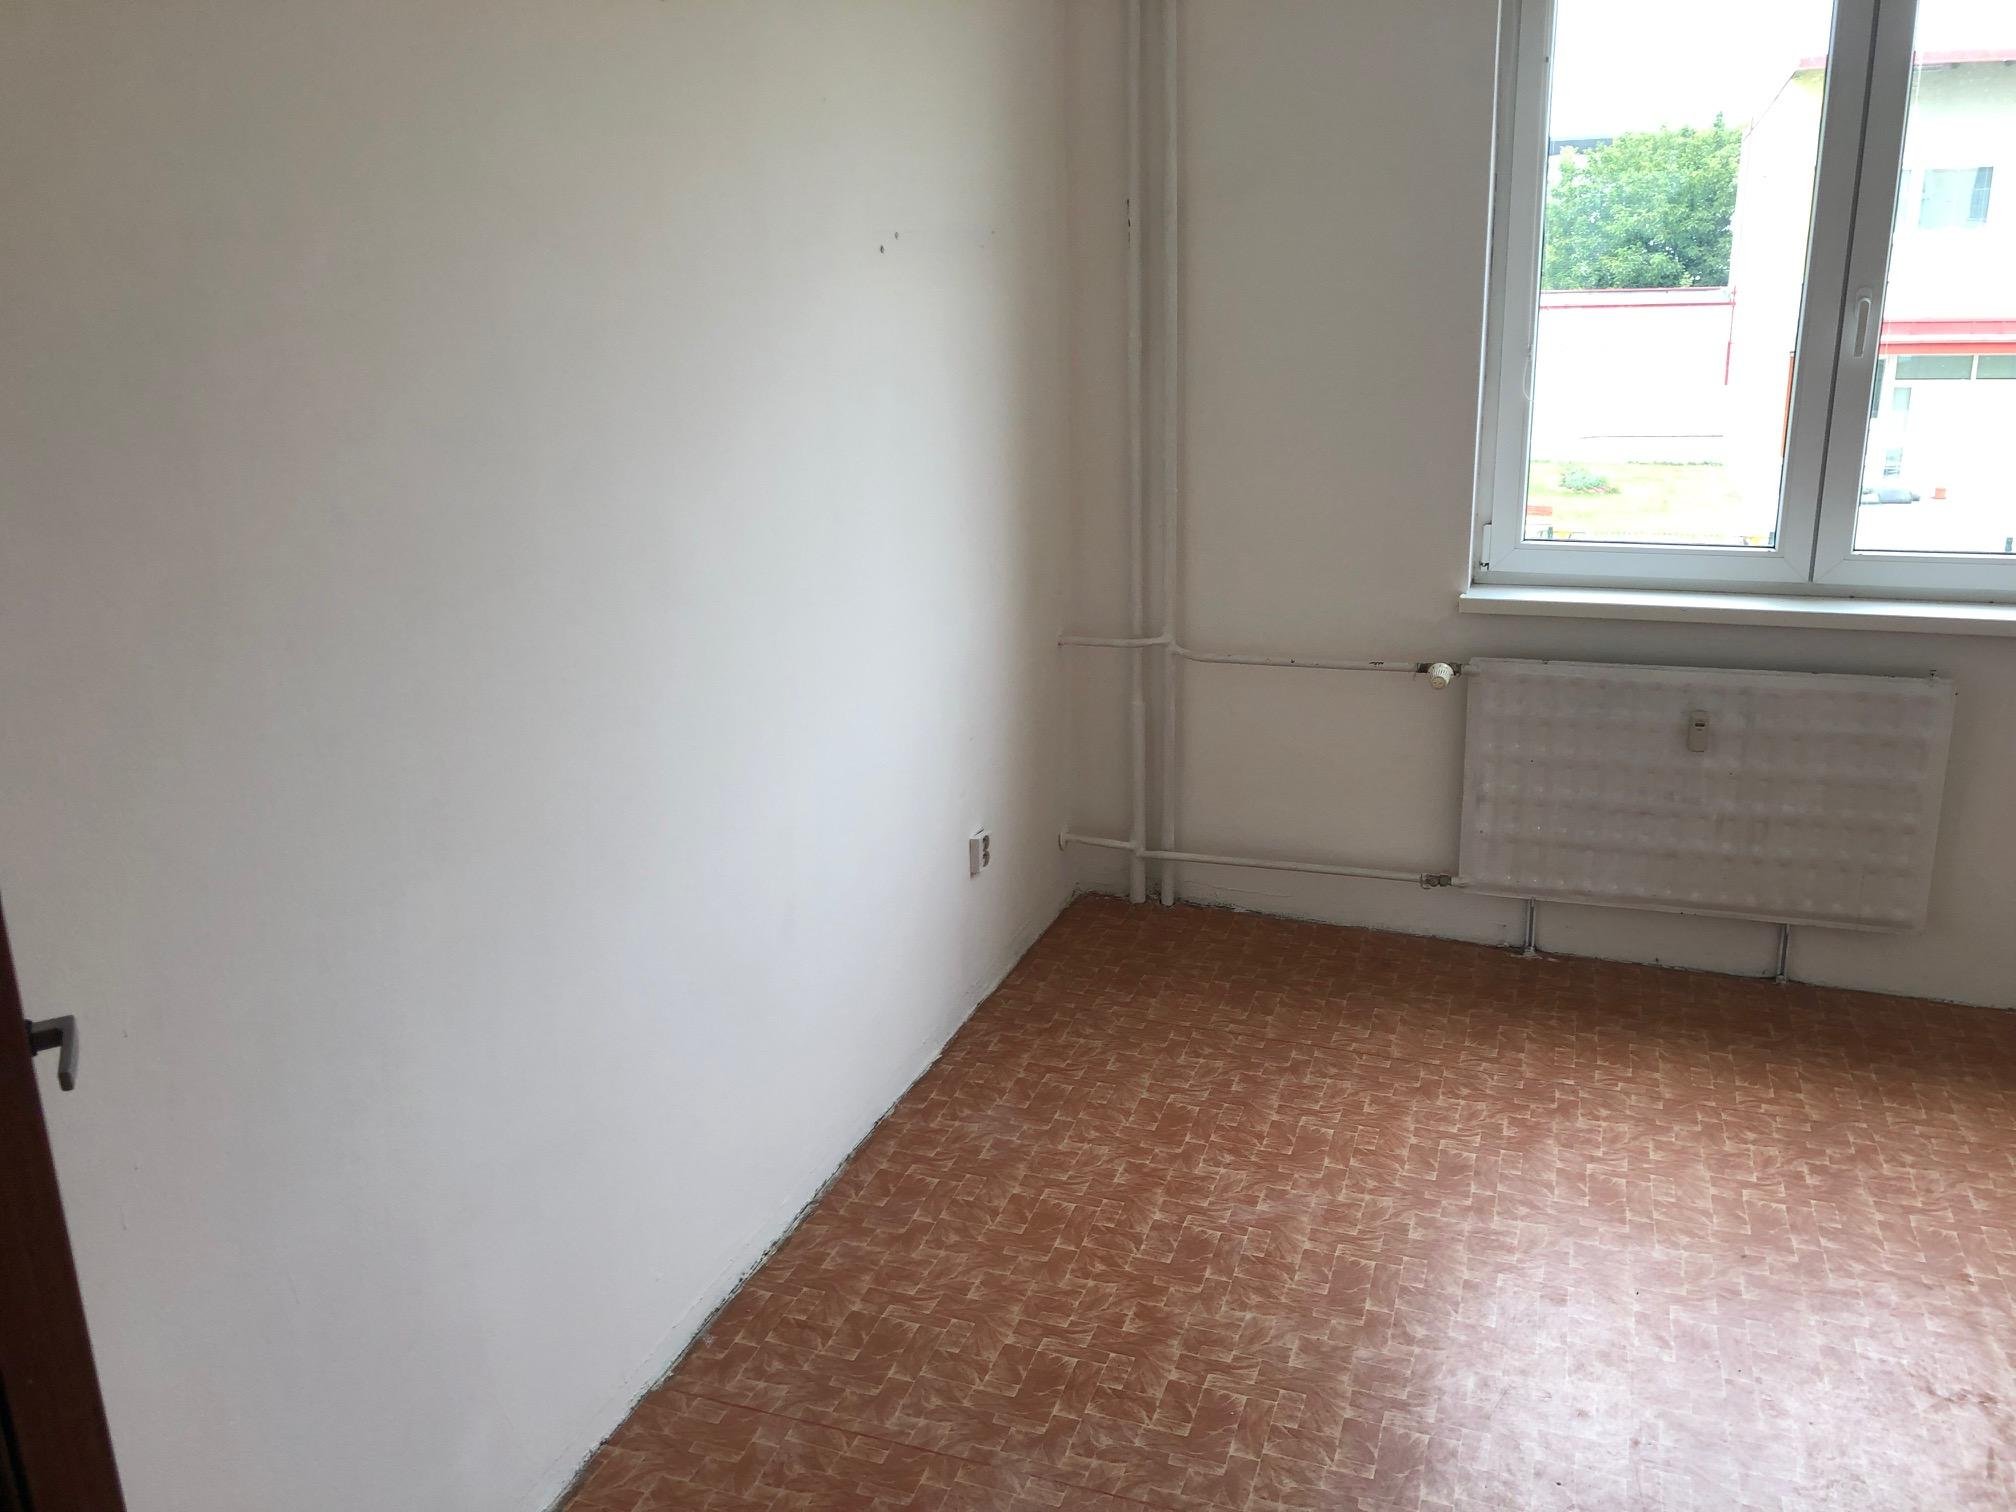 Predané: 2 izbový byt, 52m2, pivnica, pôvodný stav, Skuteckého, Malacky Juh-21